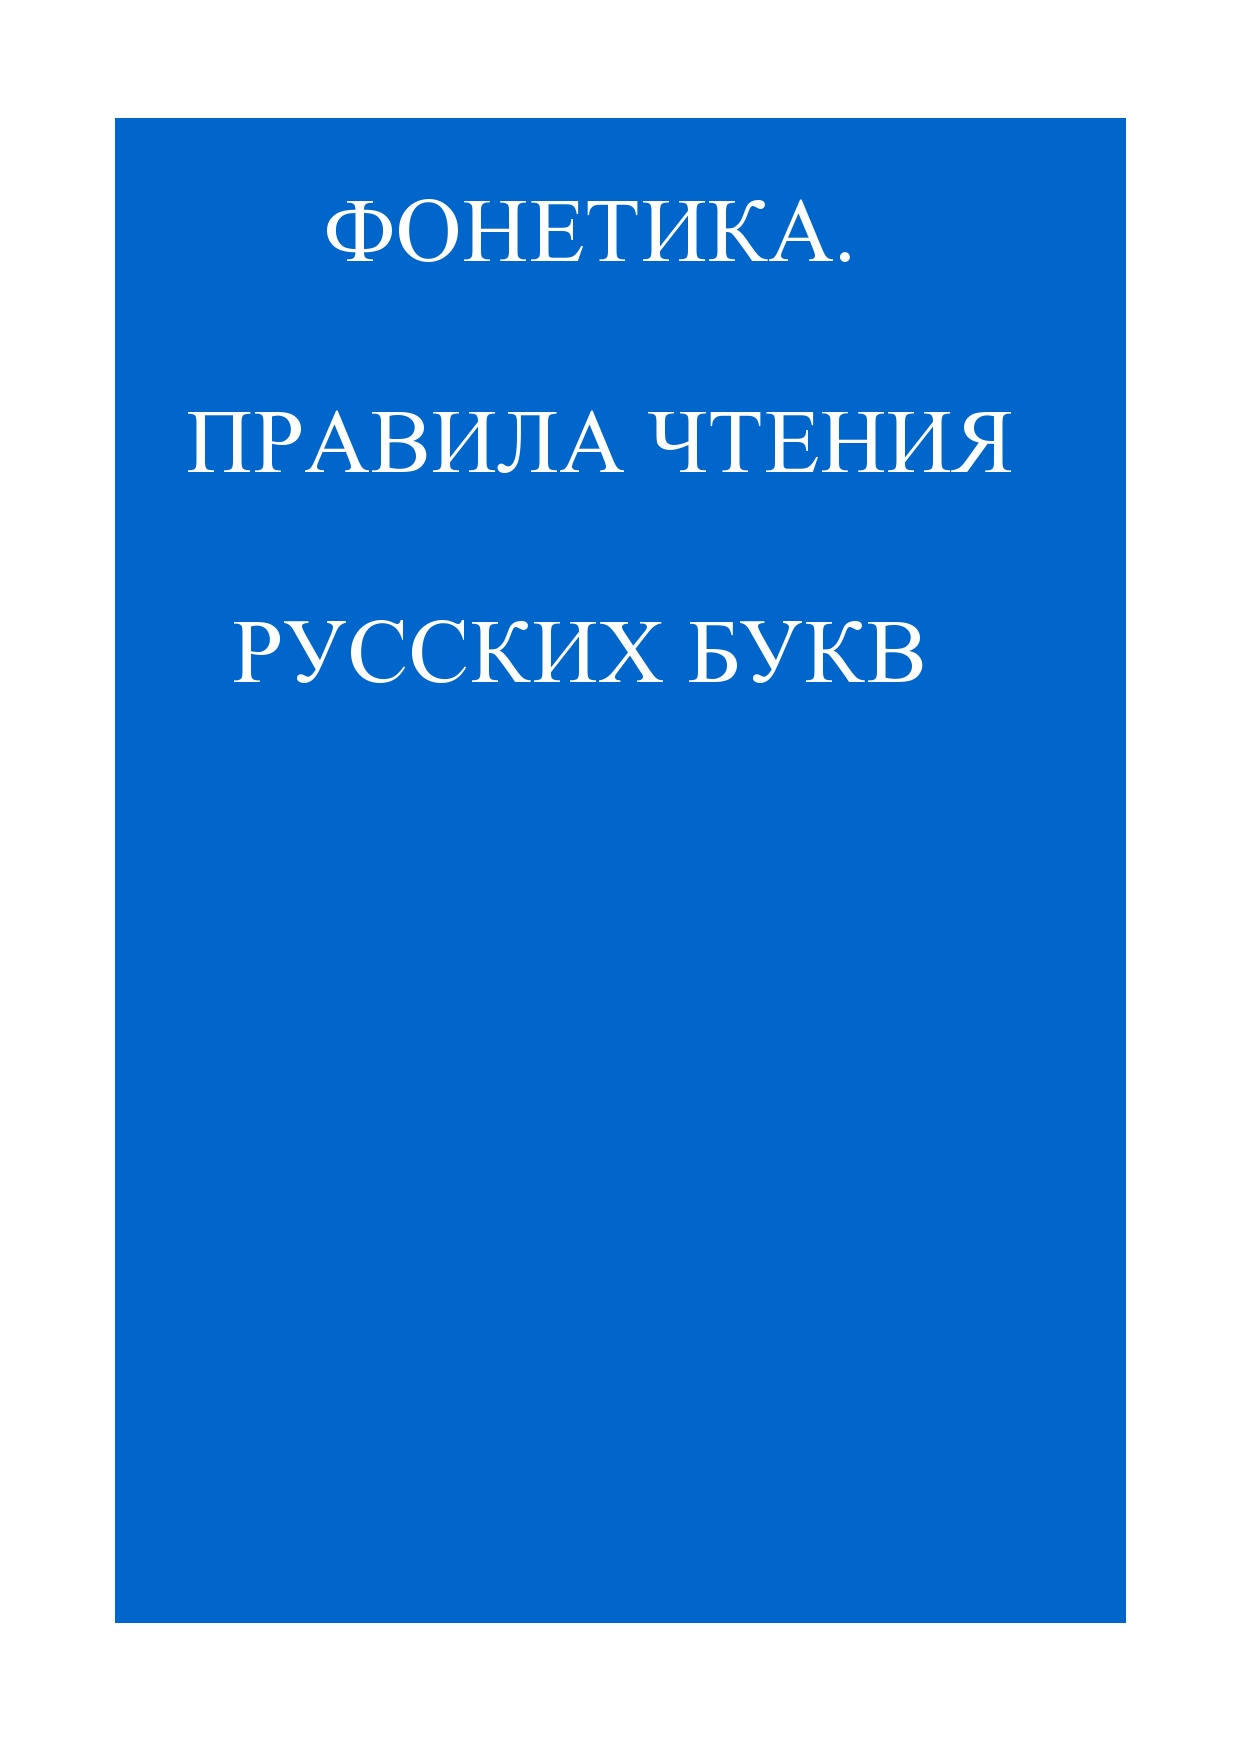 Фонетика (Правила чтения русских букв)